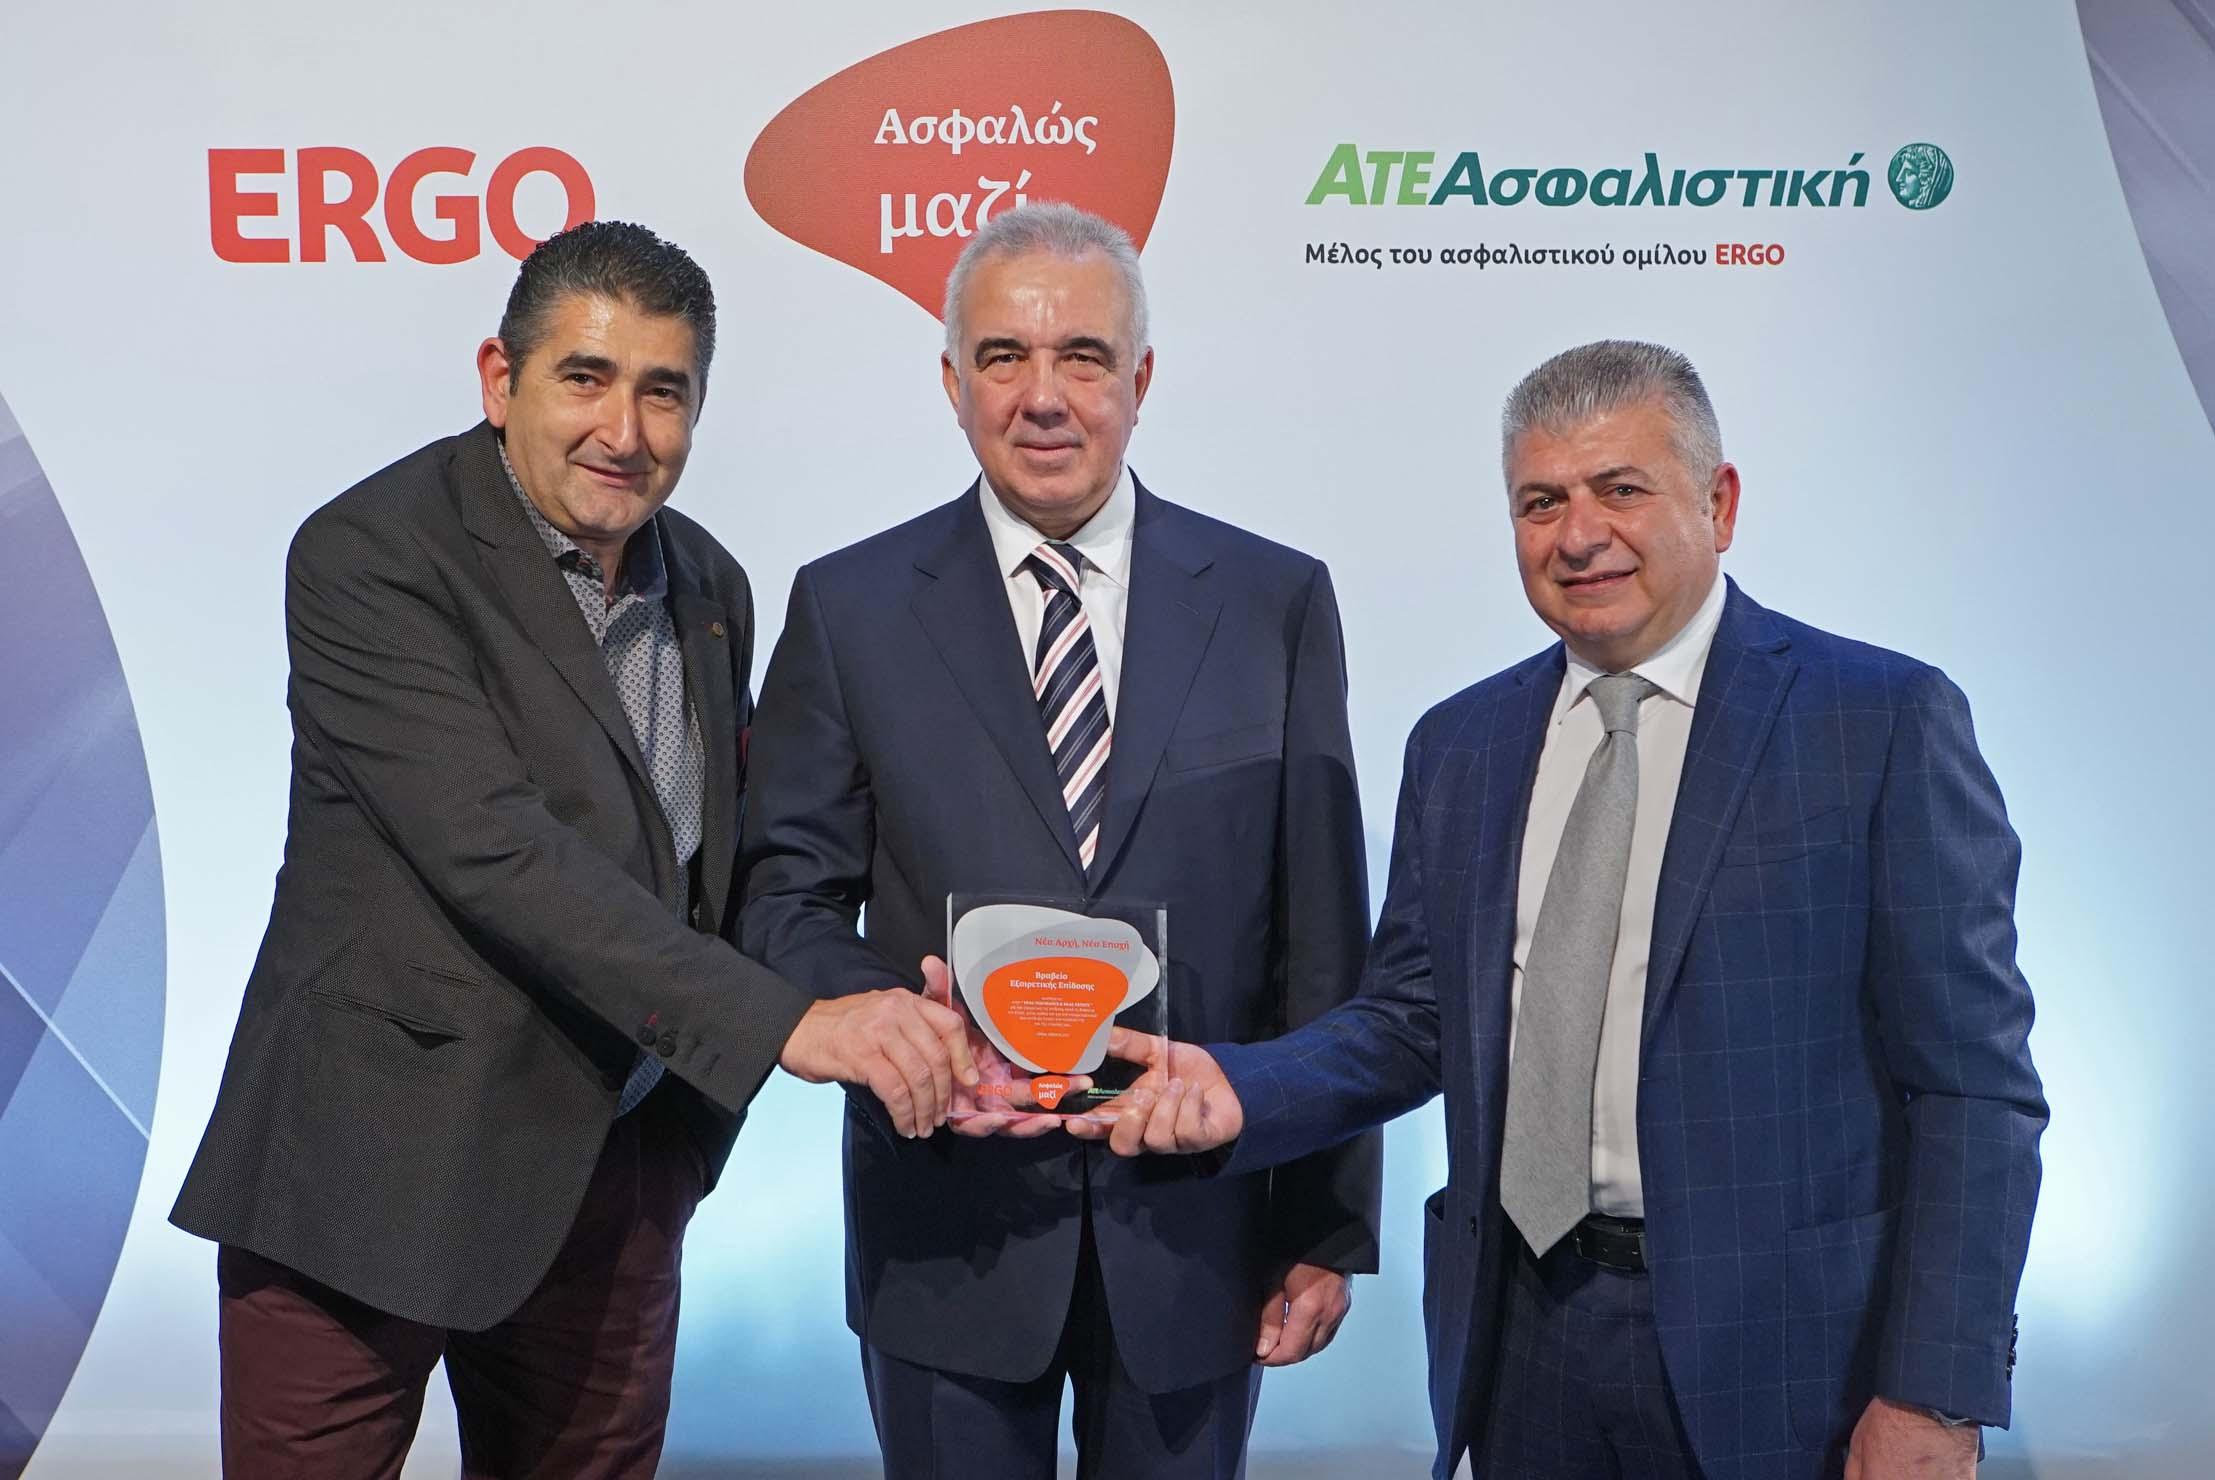 Γιάννης Θαλασσινάκης & Γιώργος Μπορμπαντωνάκης